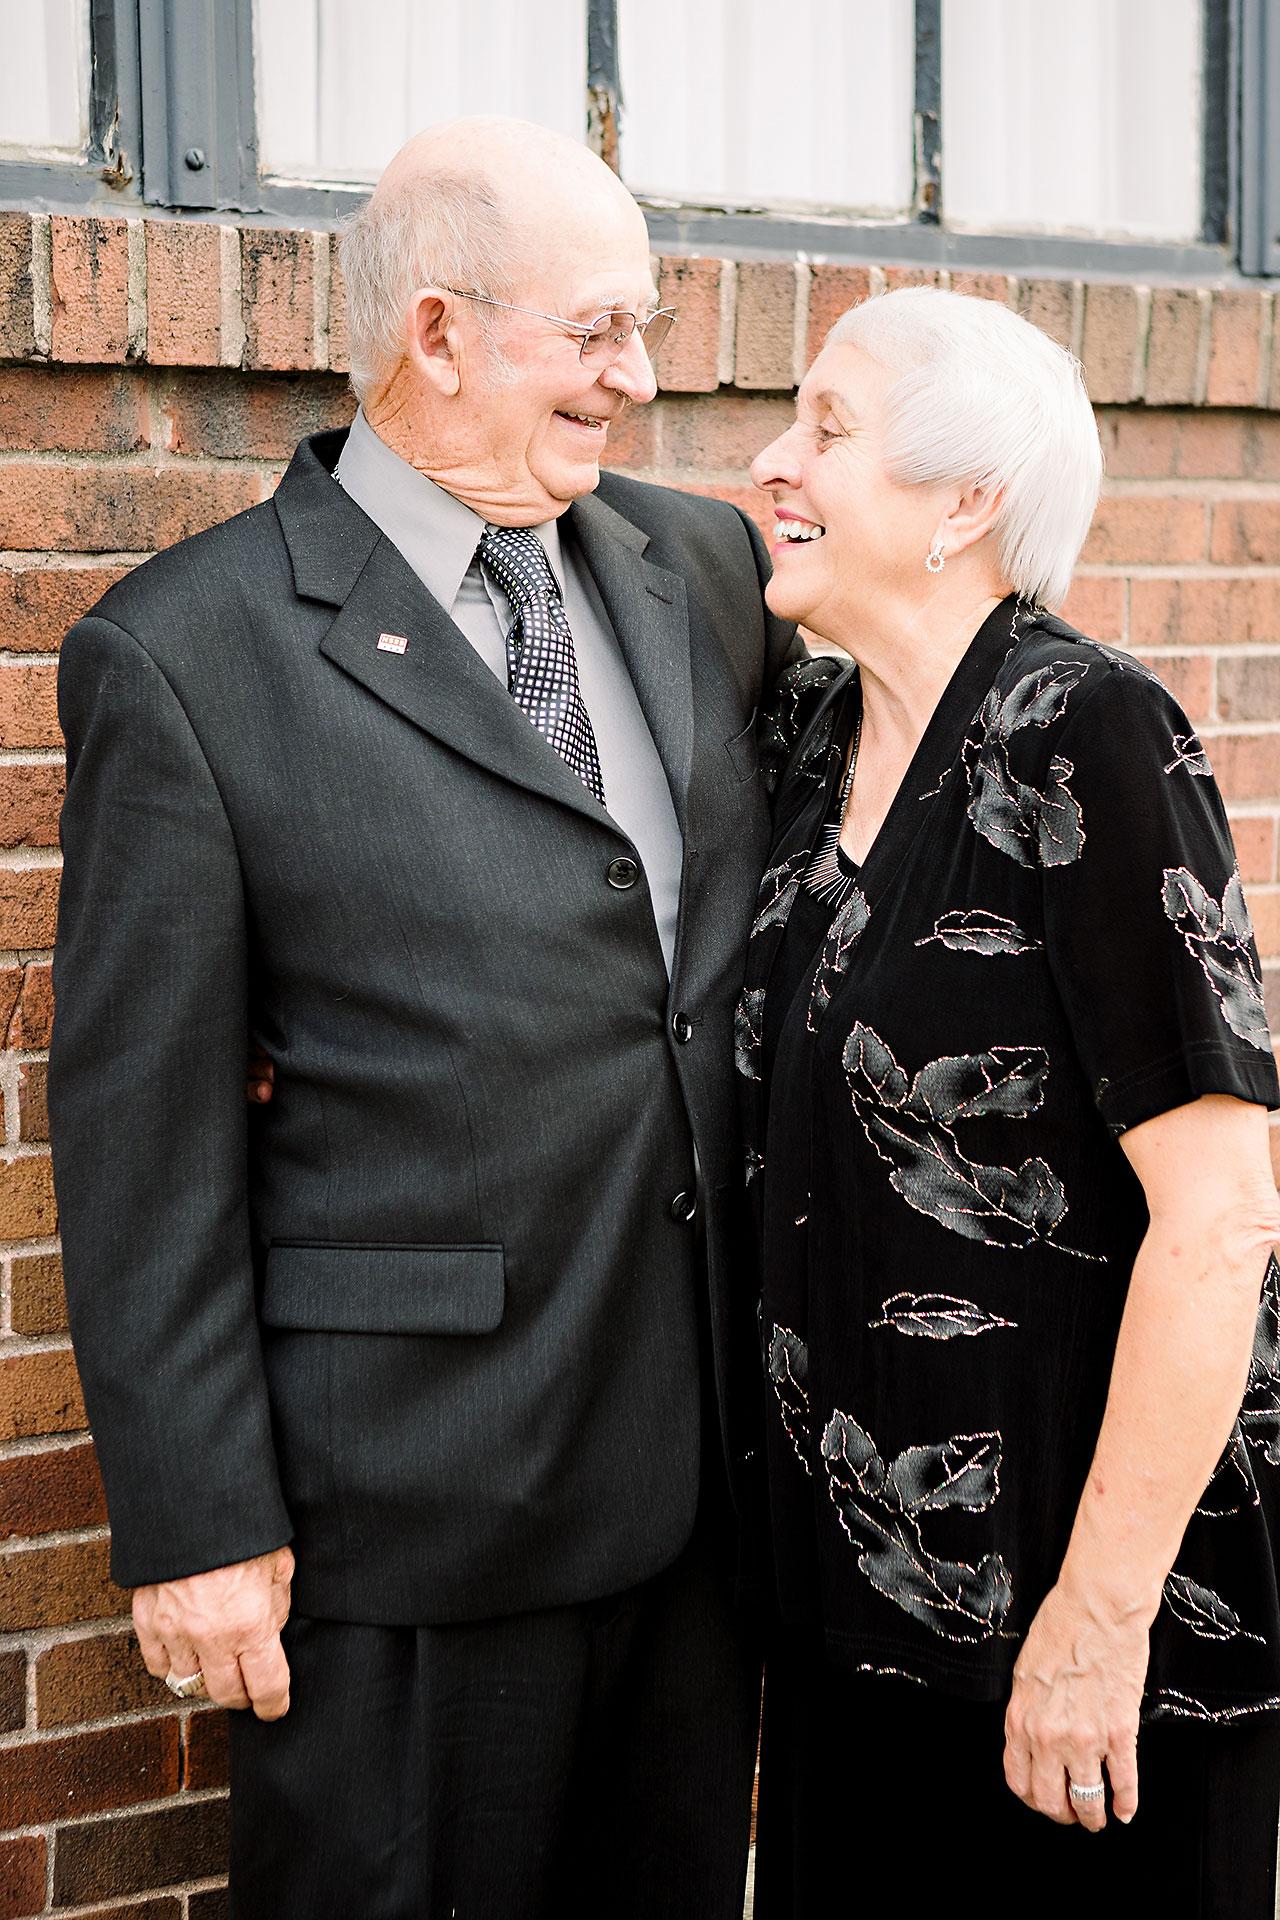 Megan Kyle Crane Bay Indianapolis Wedding 184